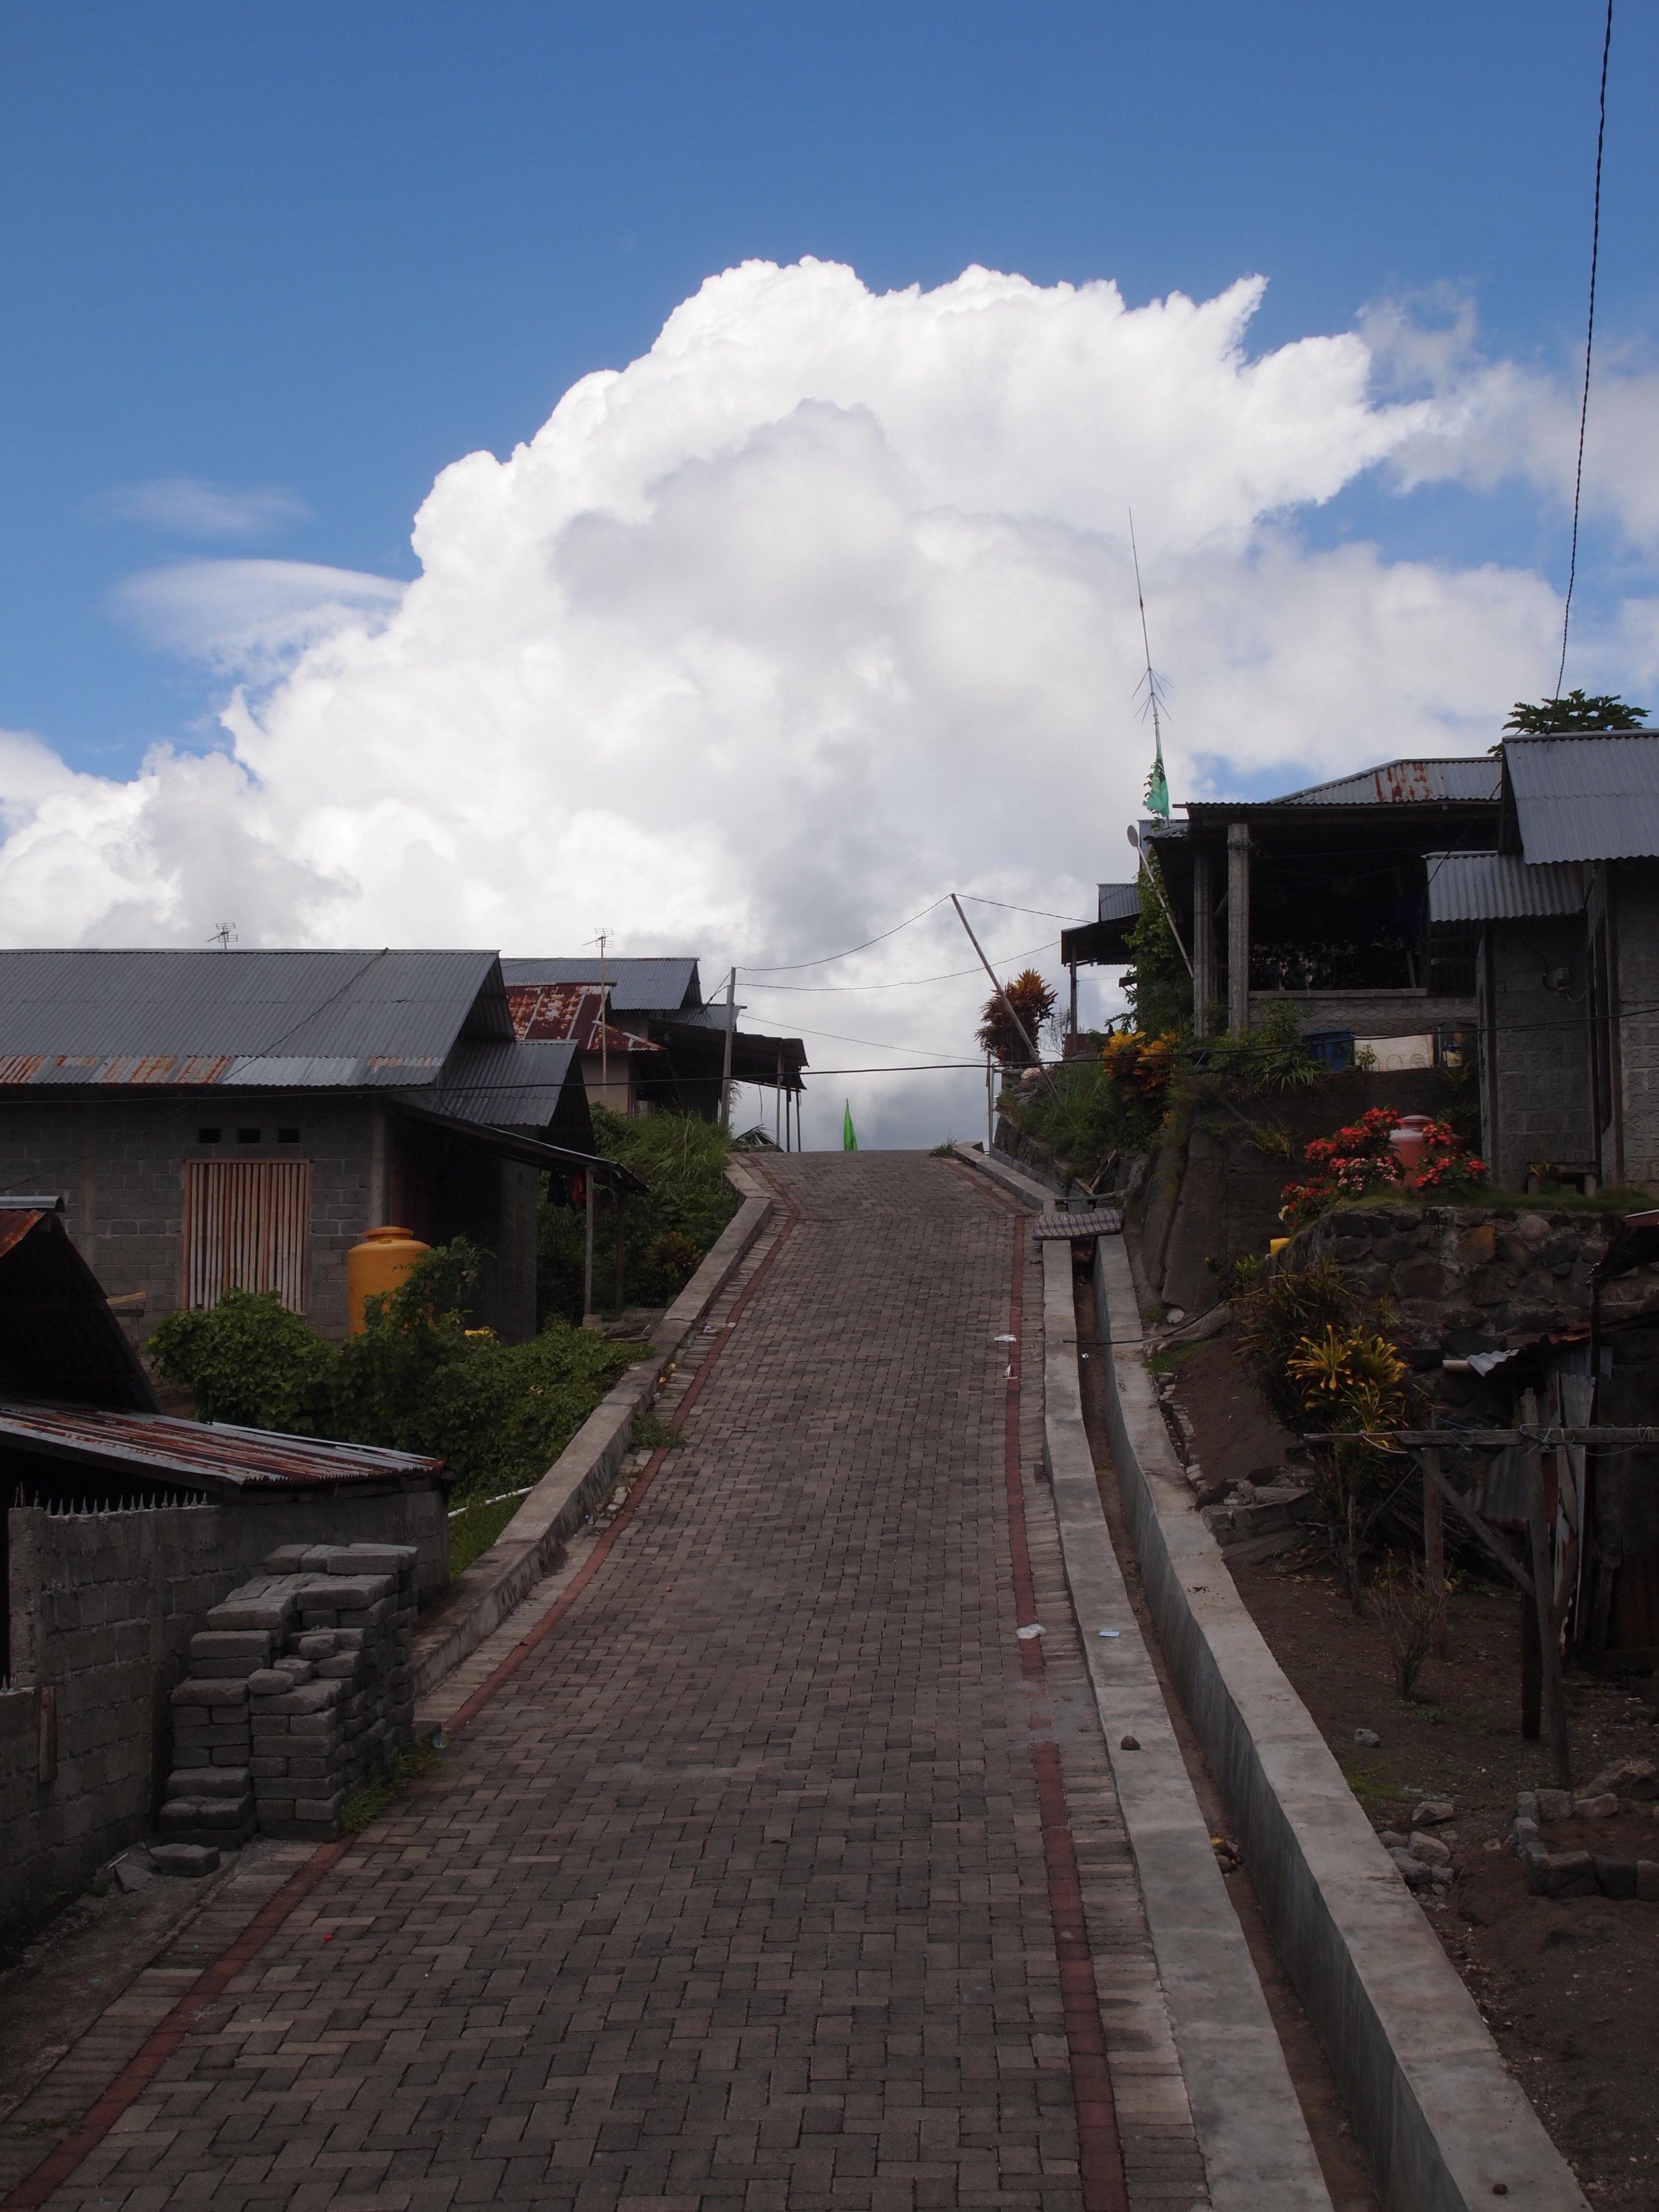 A street in West Wangurer.